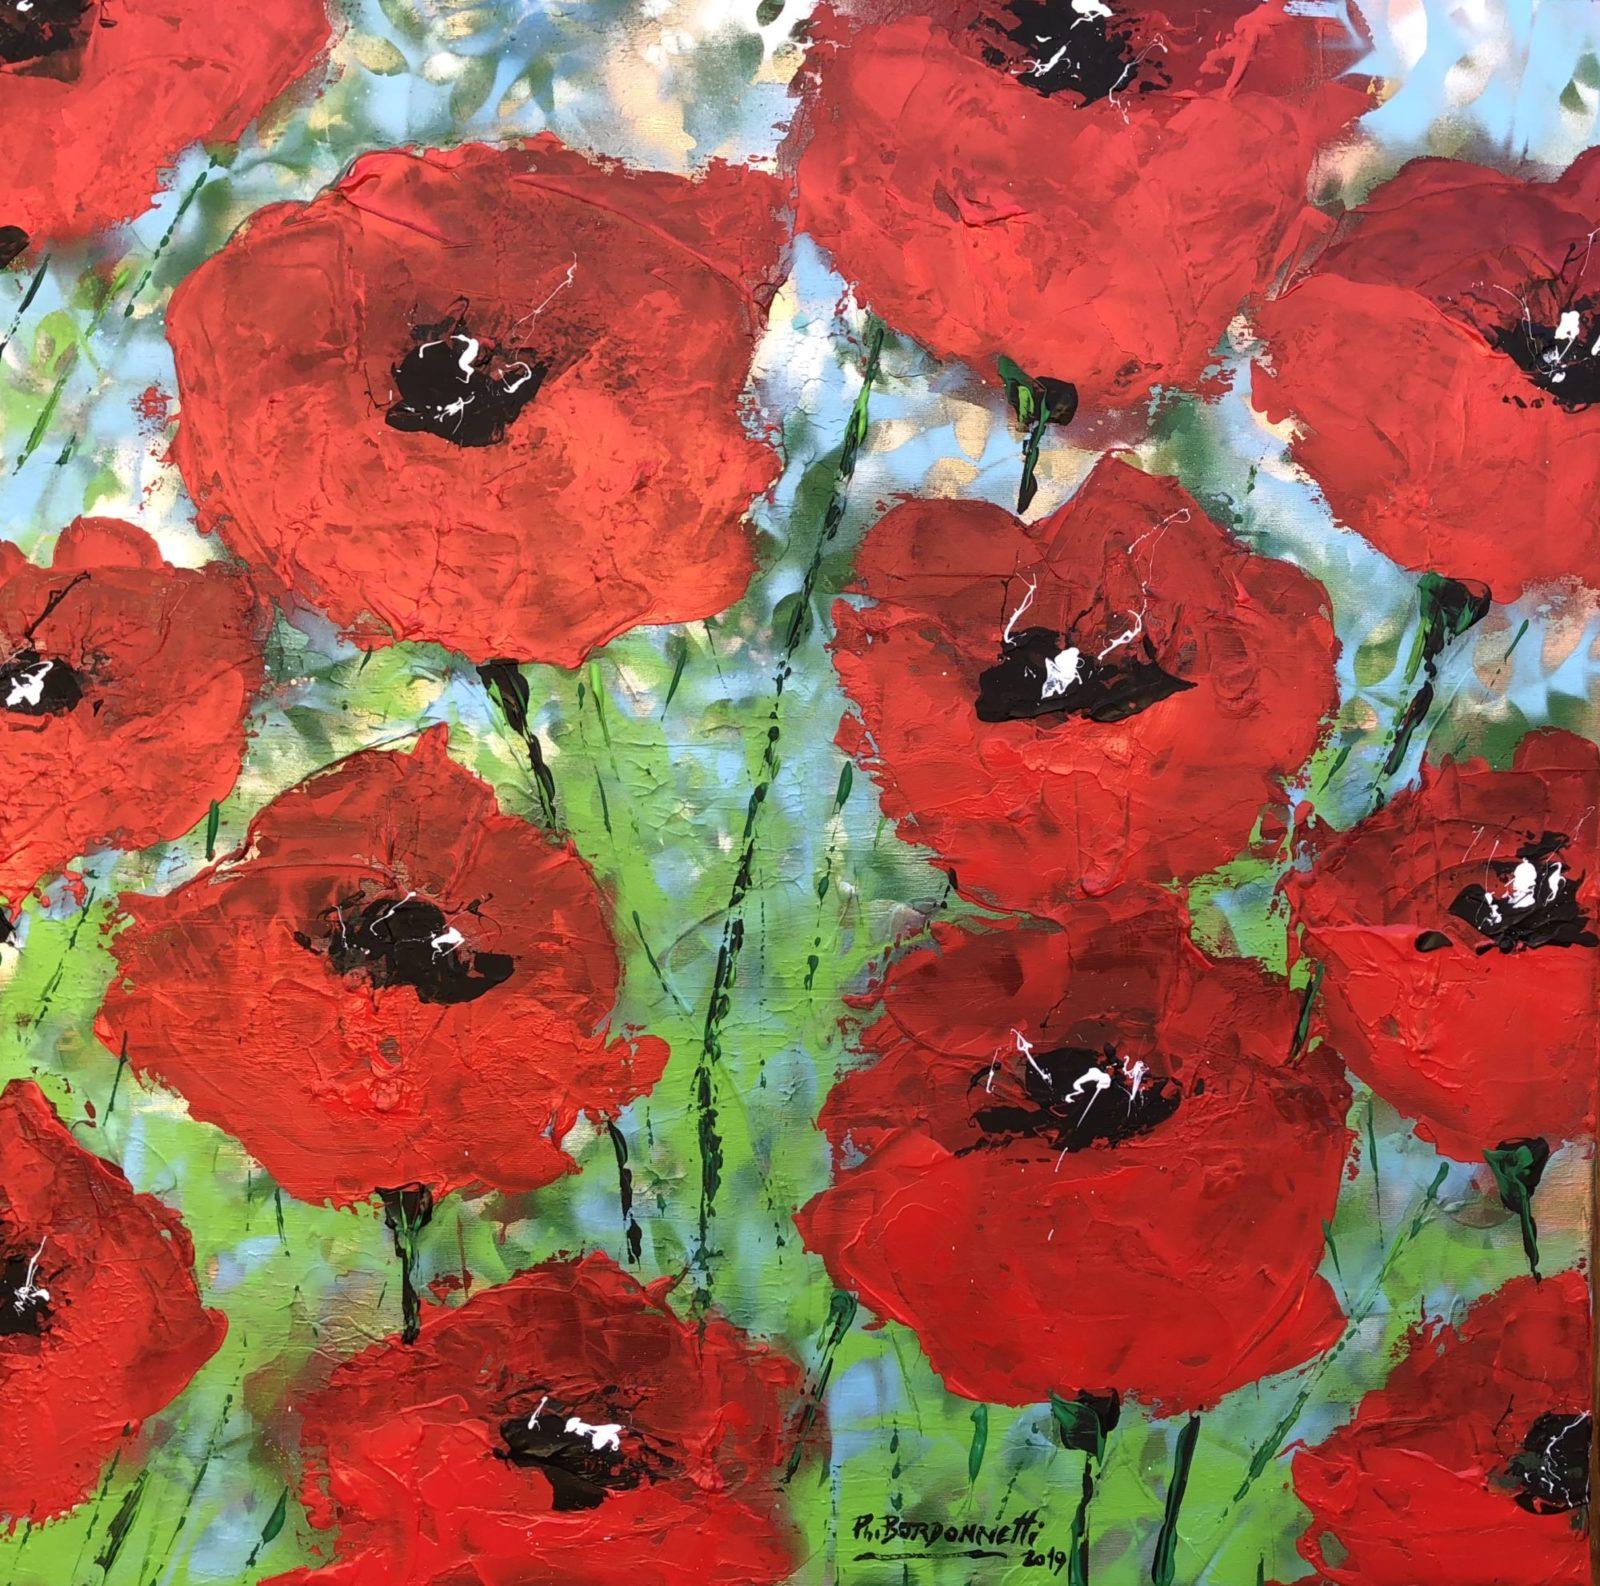 Wild Poppies 1 von Philippe Bordonnet